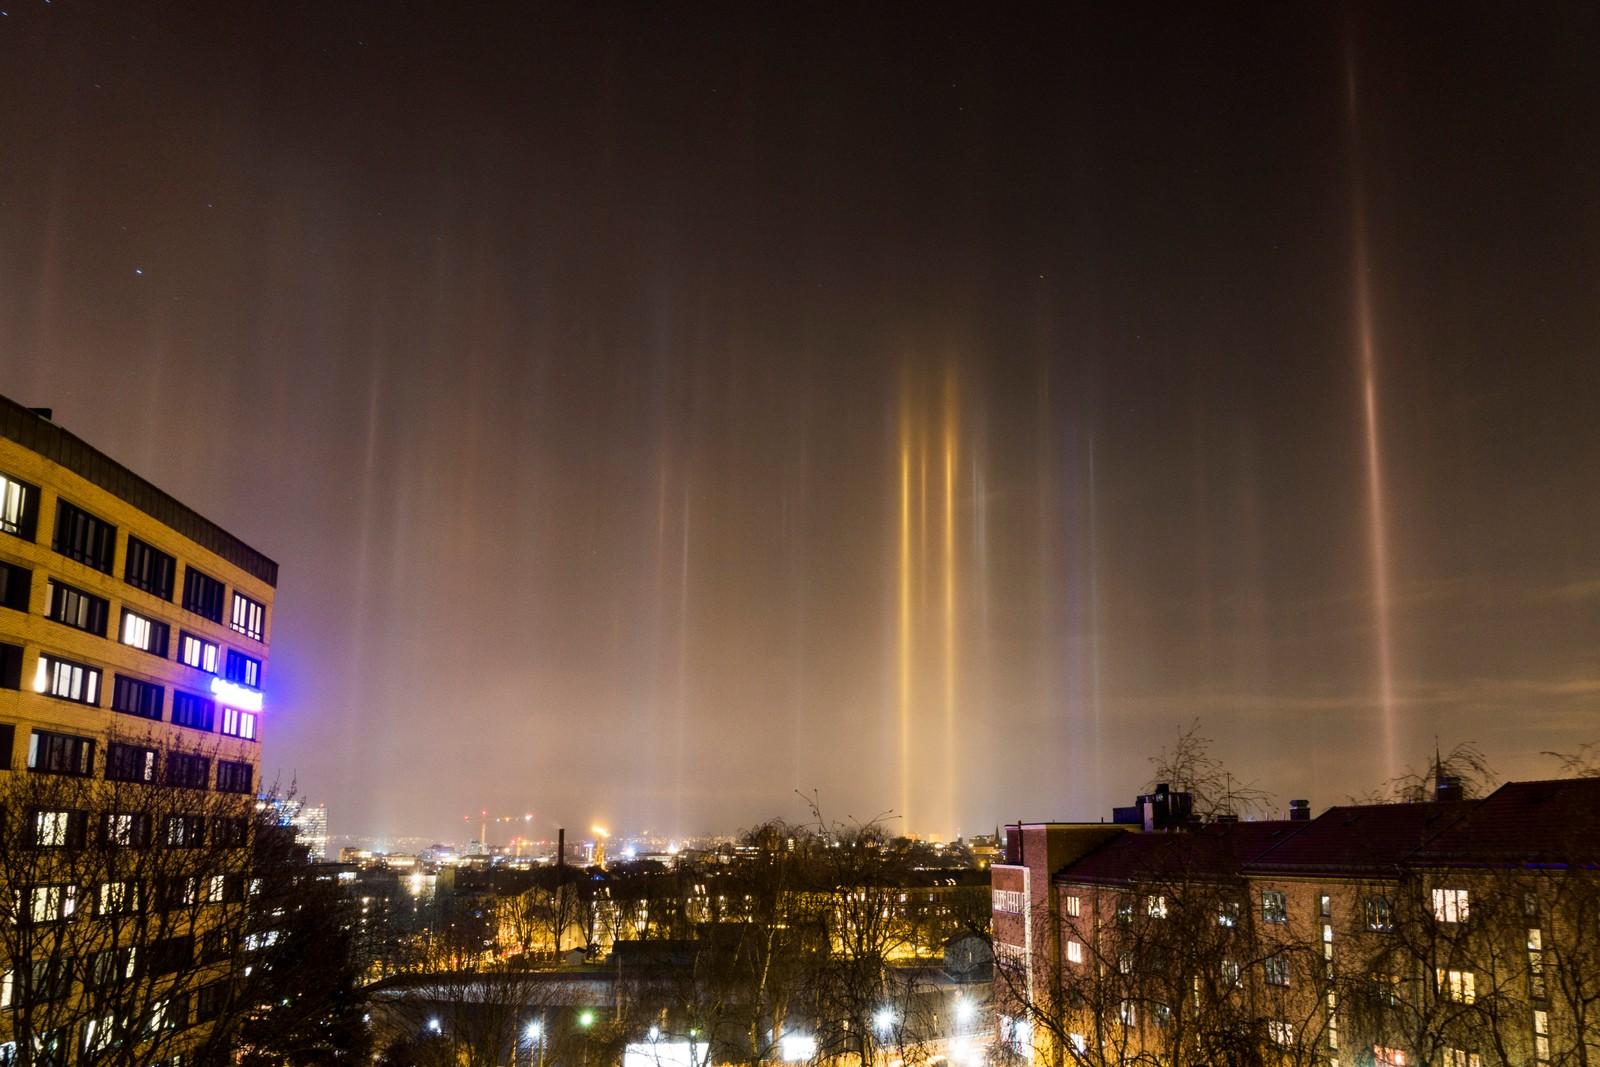 Sjeldent værfenomen som kalles lyspilarer over Oslo. Naturfenomenet skyldes kald luft med iskrystaller som reflekterer lyset fra byen som danner pilarer i luften.